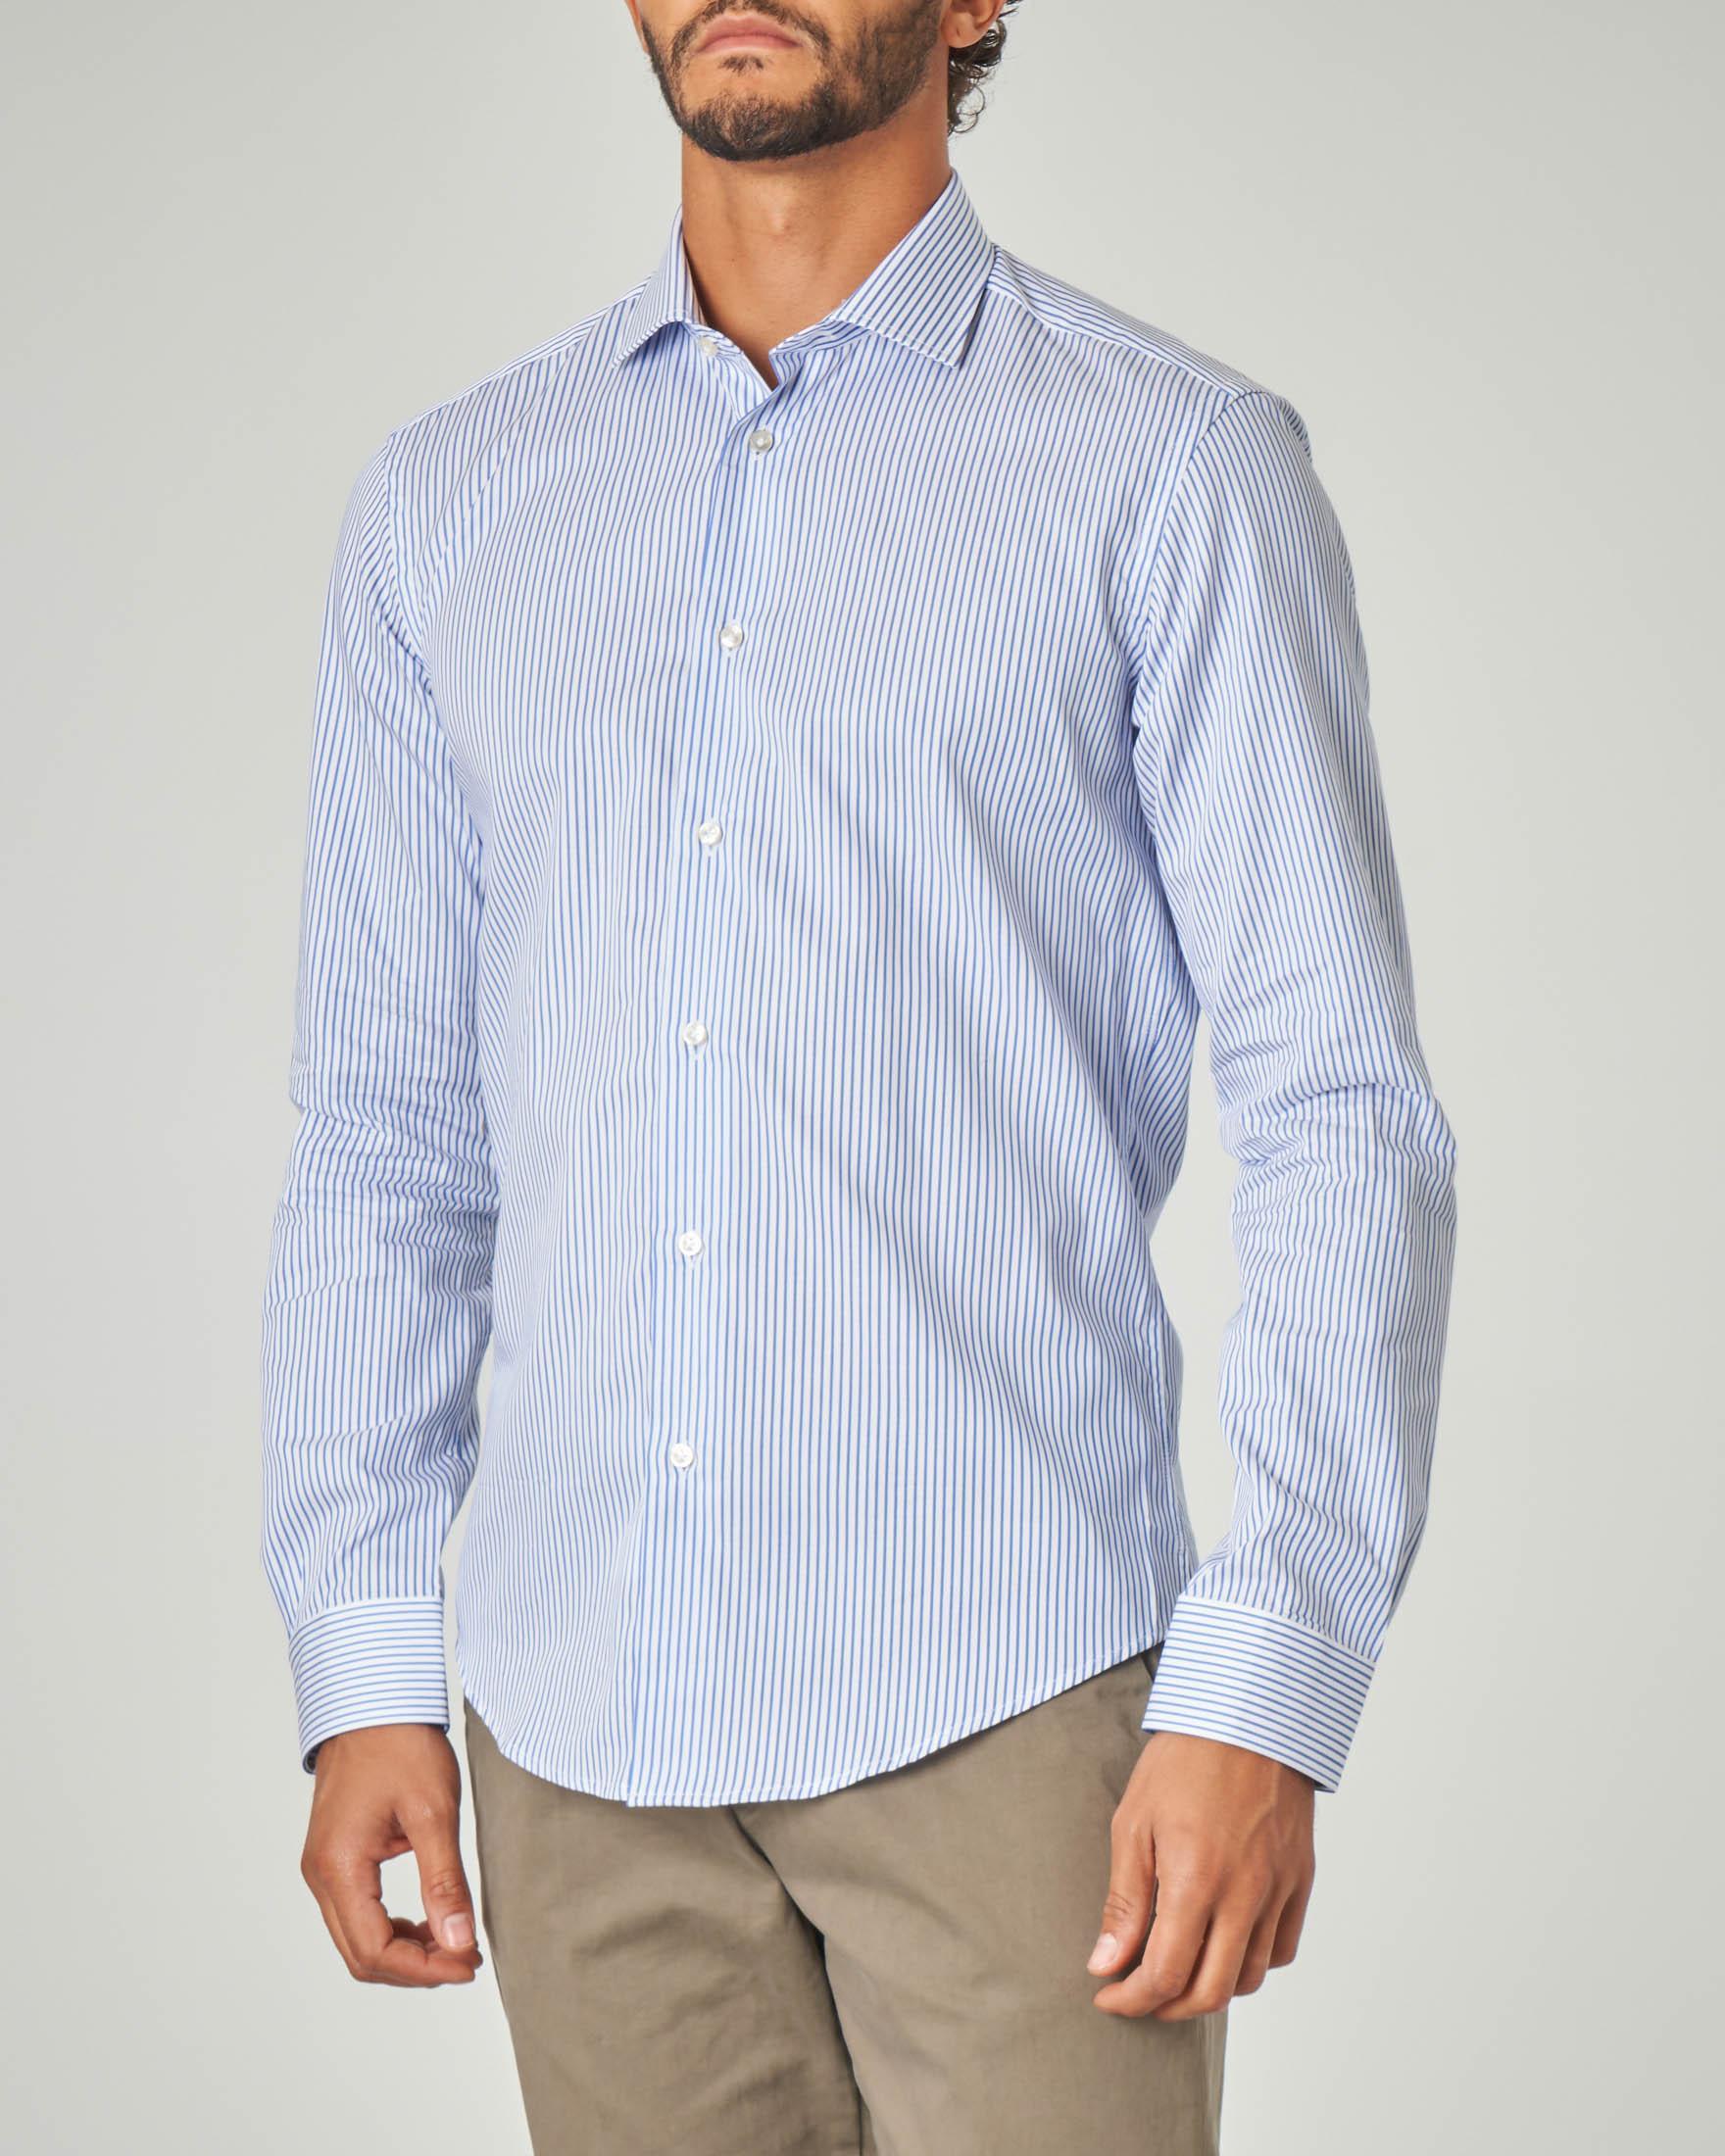 Camicia bastoncino bianco azzurro in twill di cotone